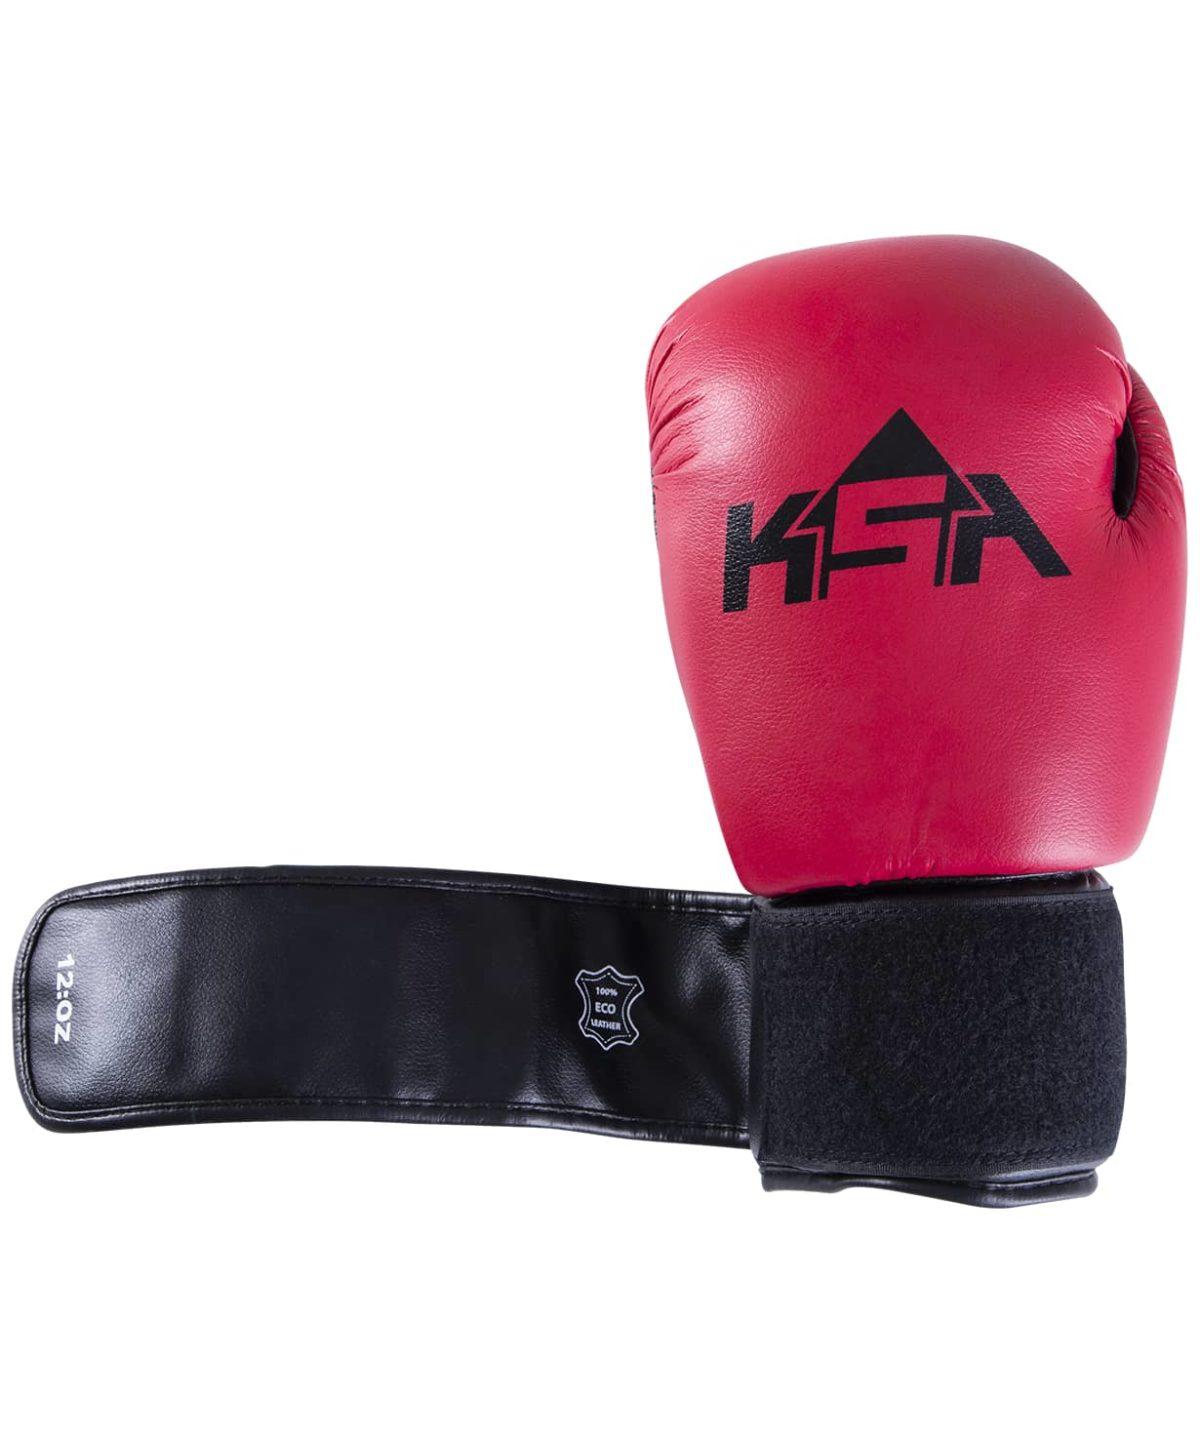 KSA Spider Red Перчатки боксерские, 8 oz, к/з 17811: красный - 2